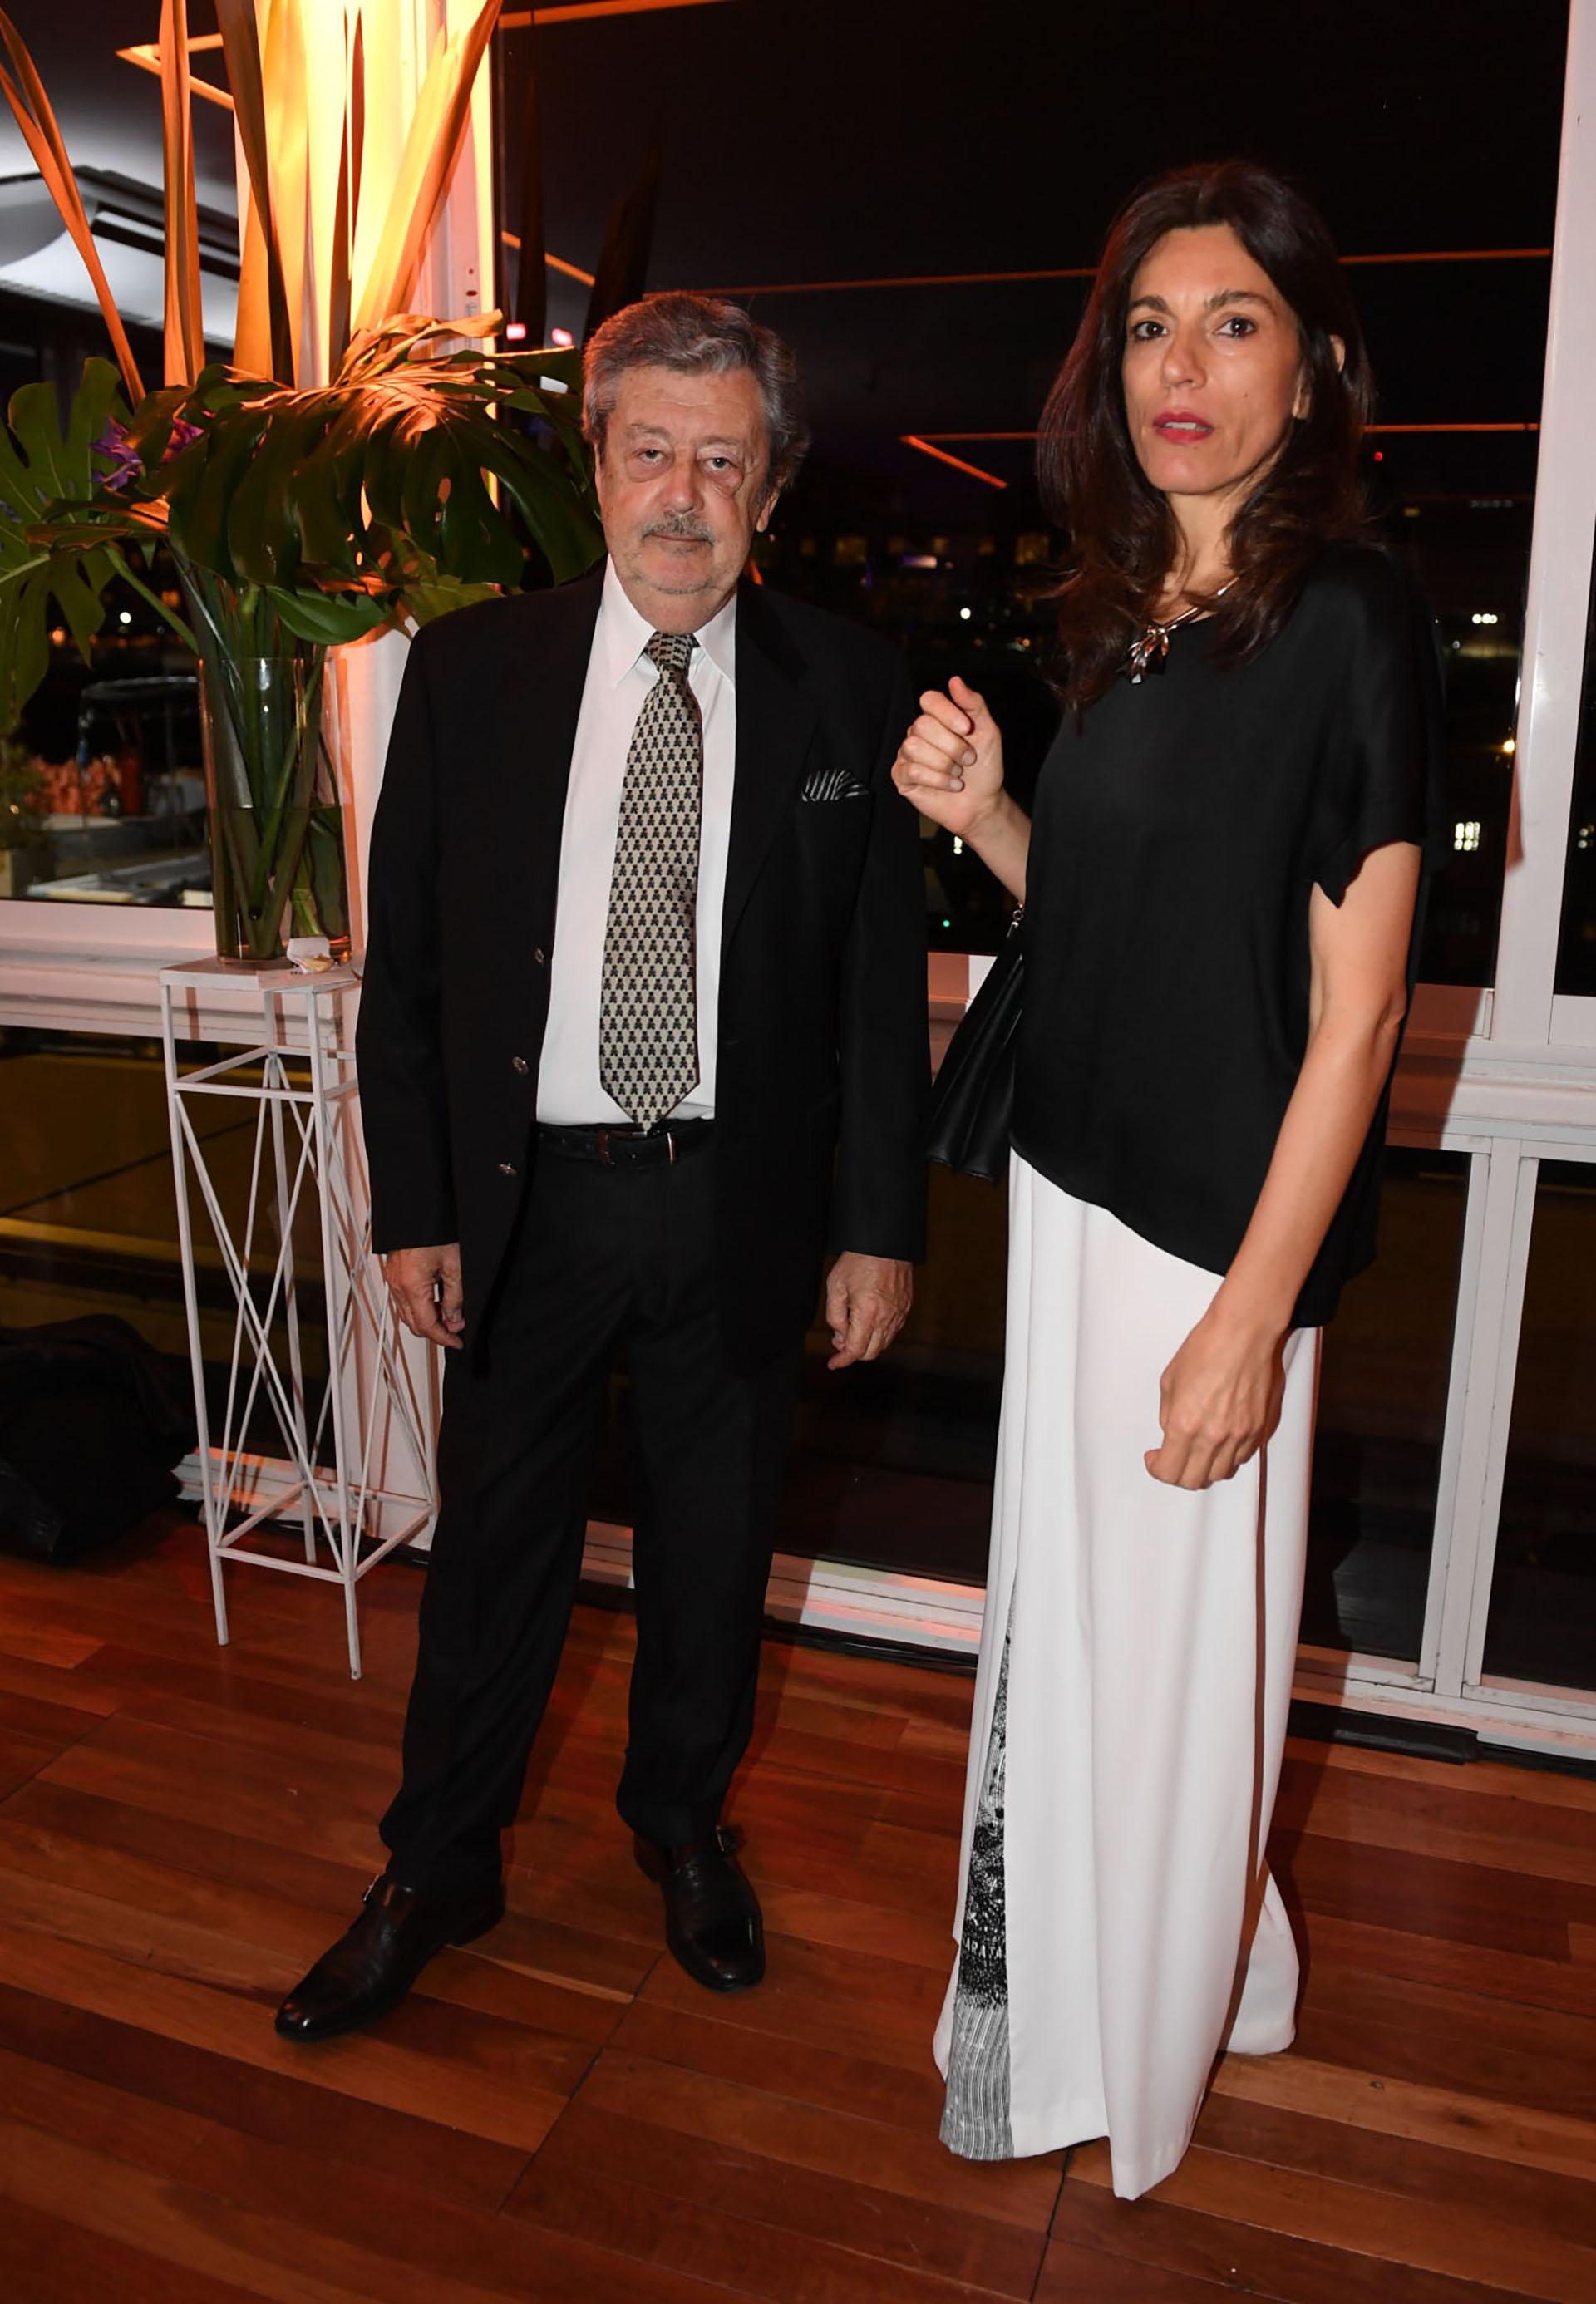 Miguel Schapire y Paola Biscaro